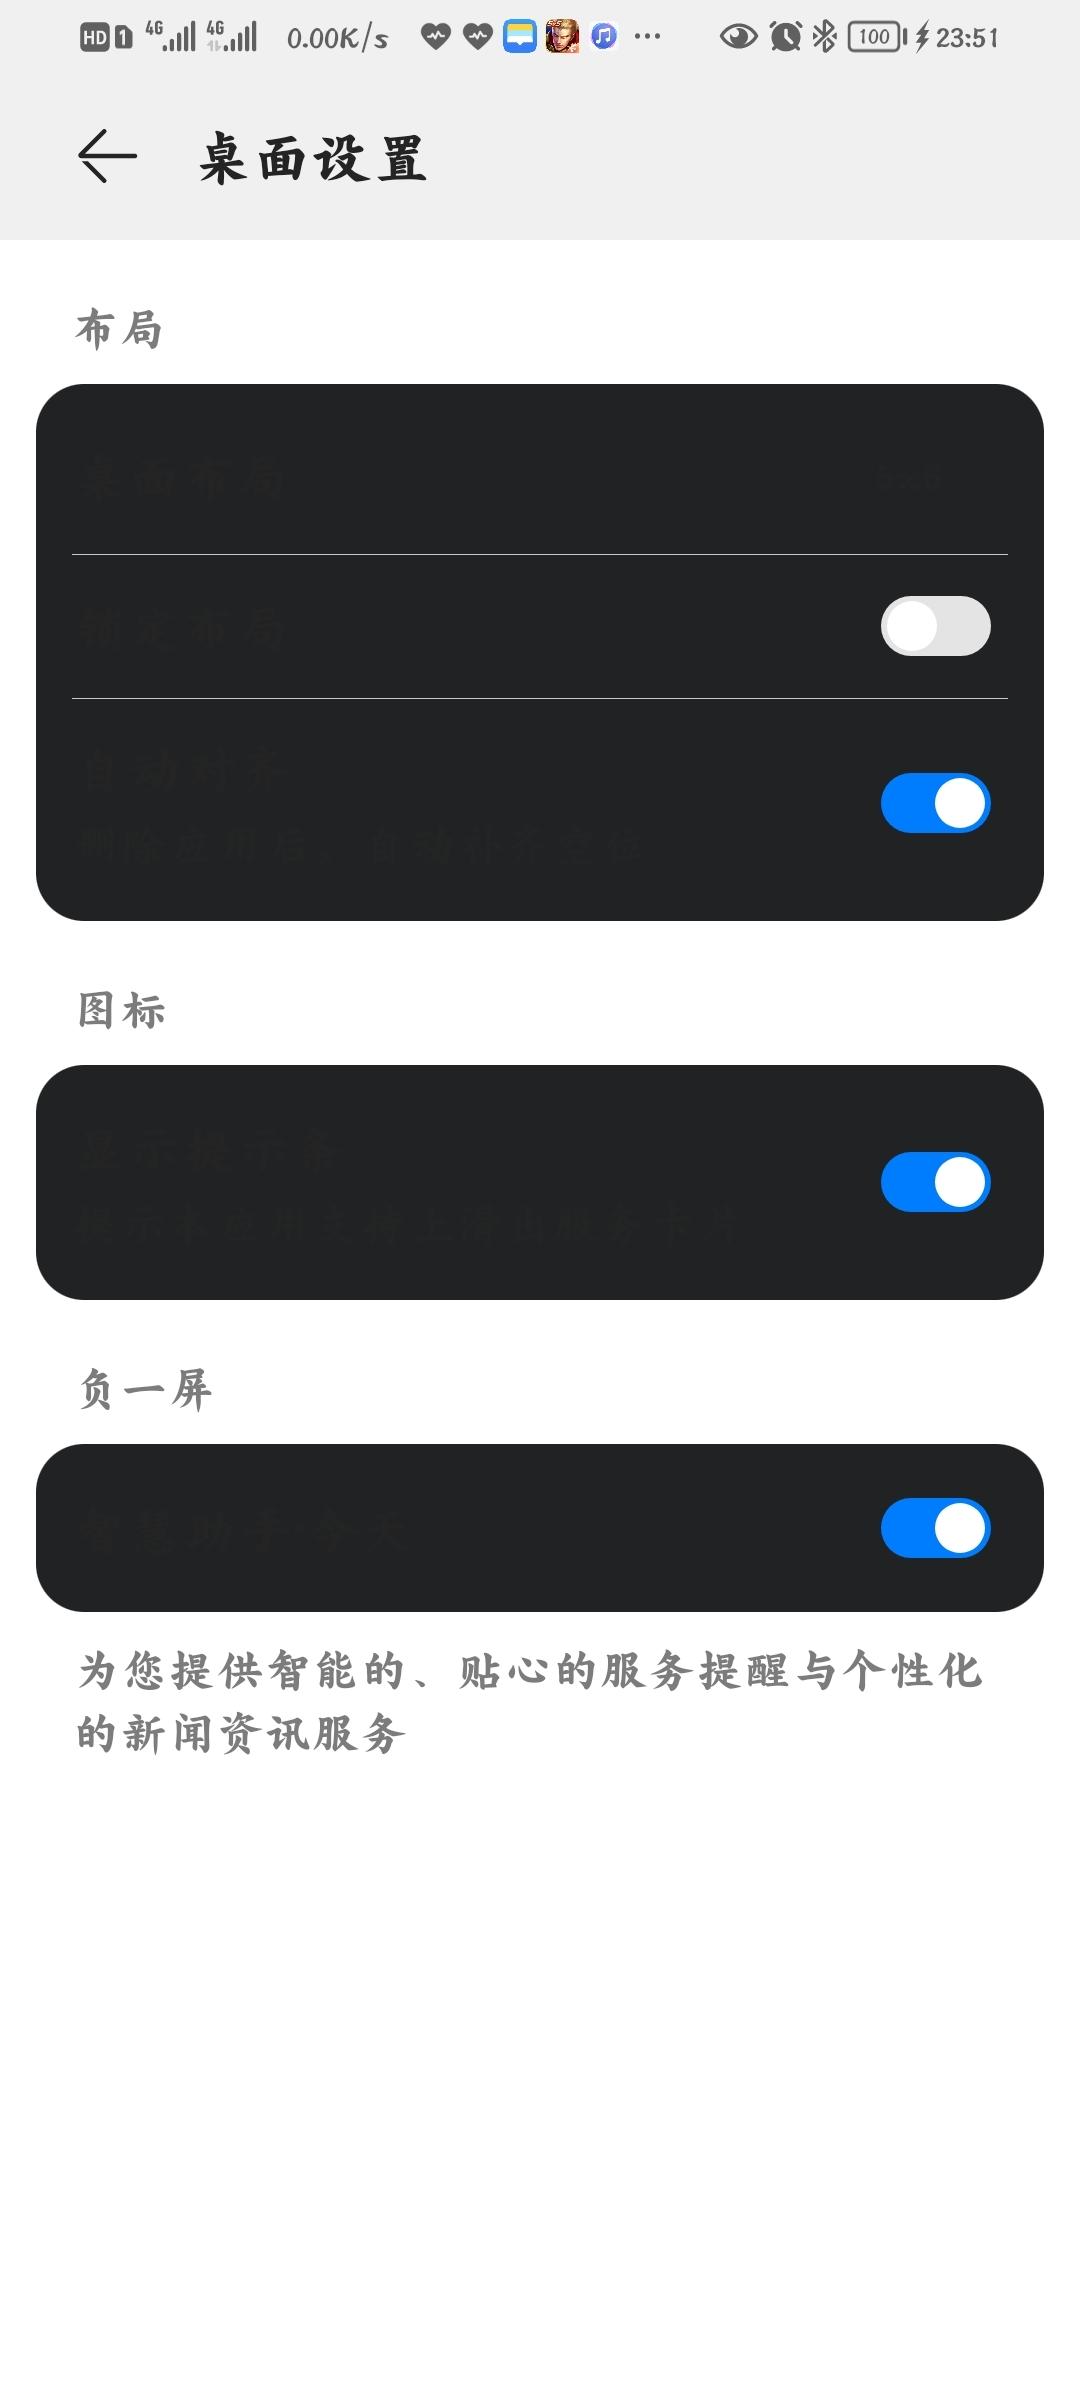 Screenshot_20210908_235140_com.huawei.android.launcher.jpg